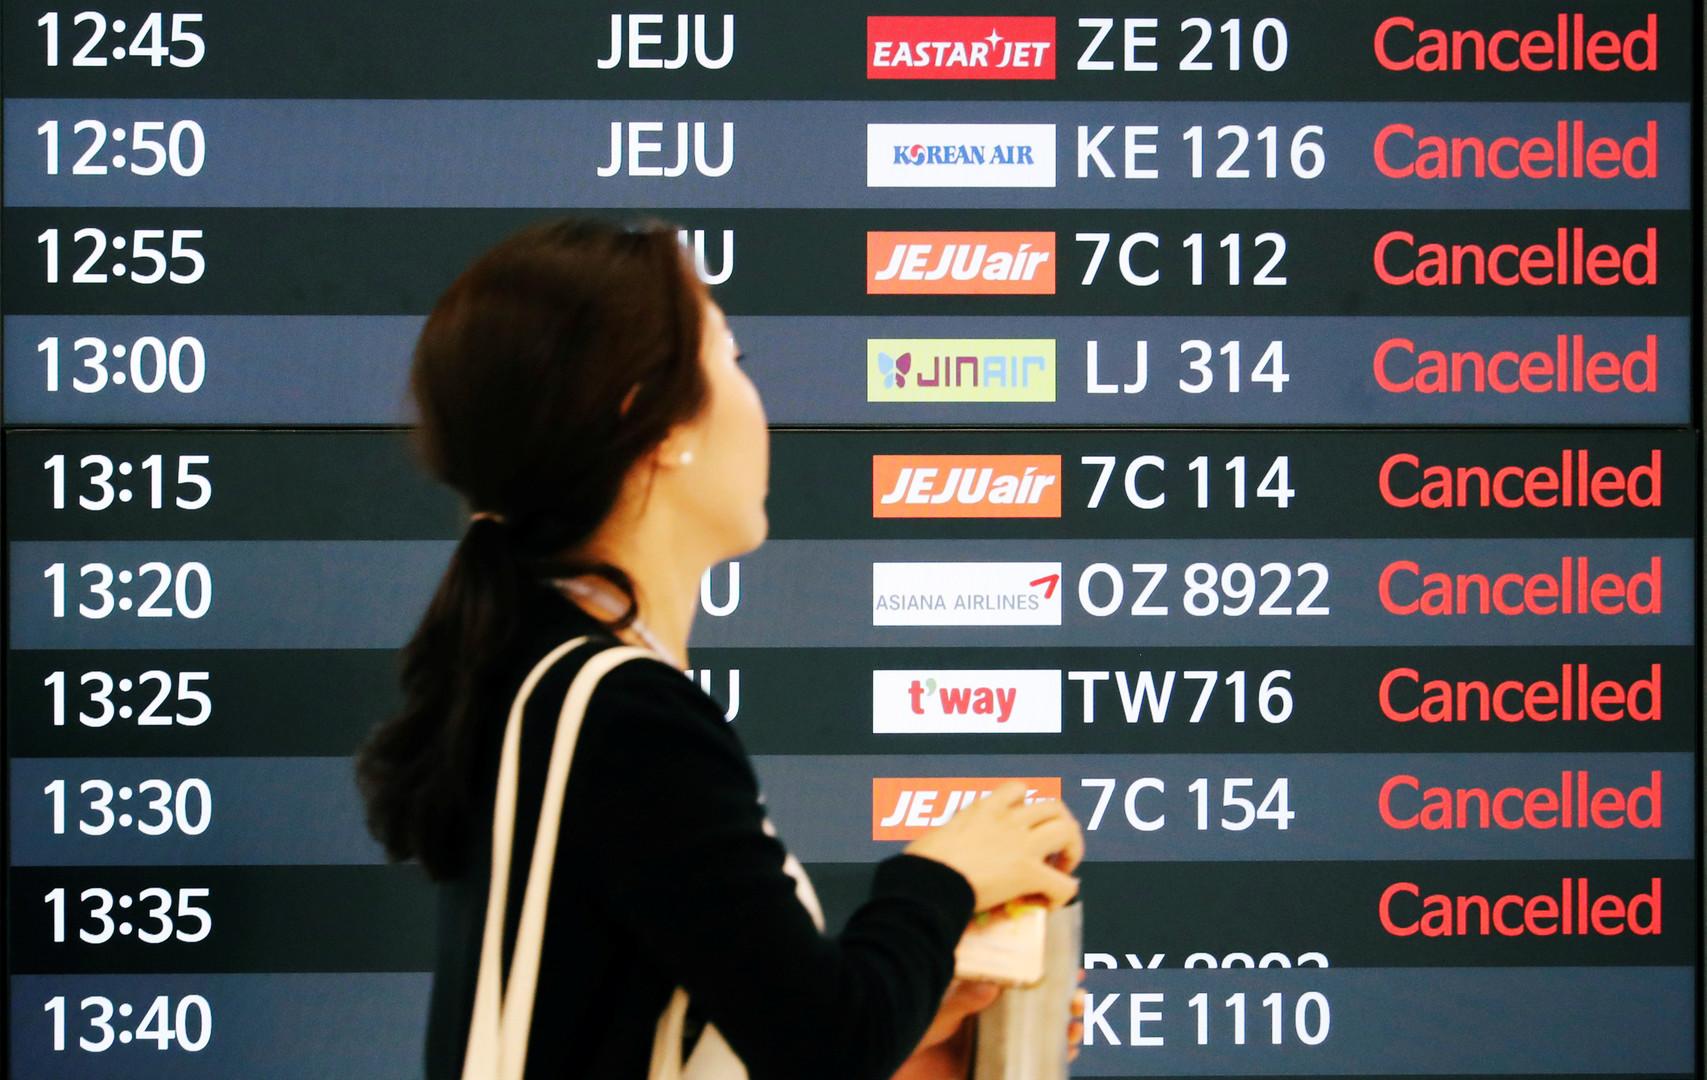 تعليق رحلات جوية من كوريا الجنوبية إلى اليابان وسط خلاف بين الدولتين